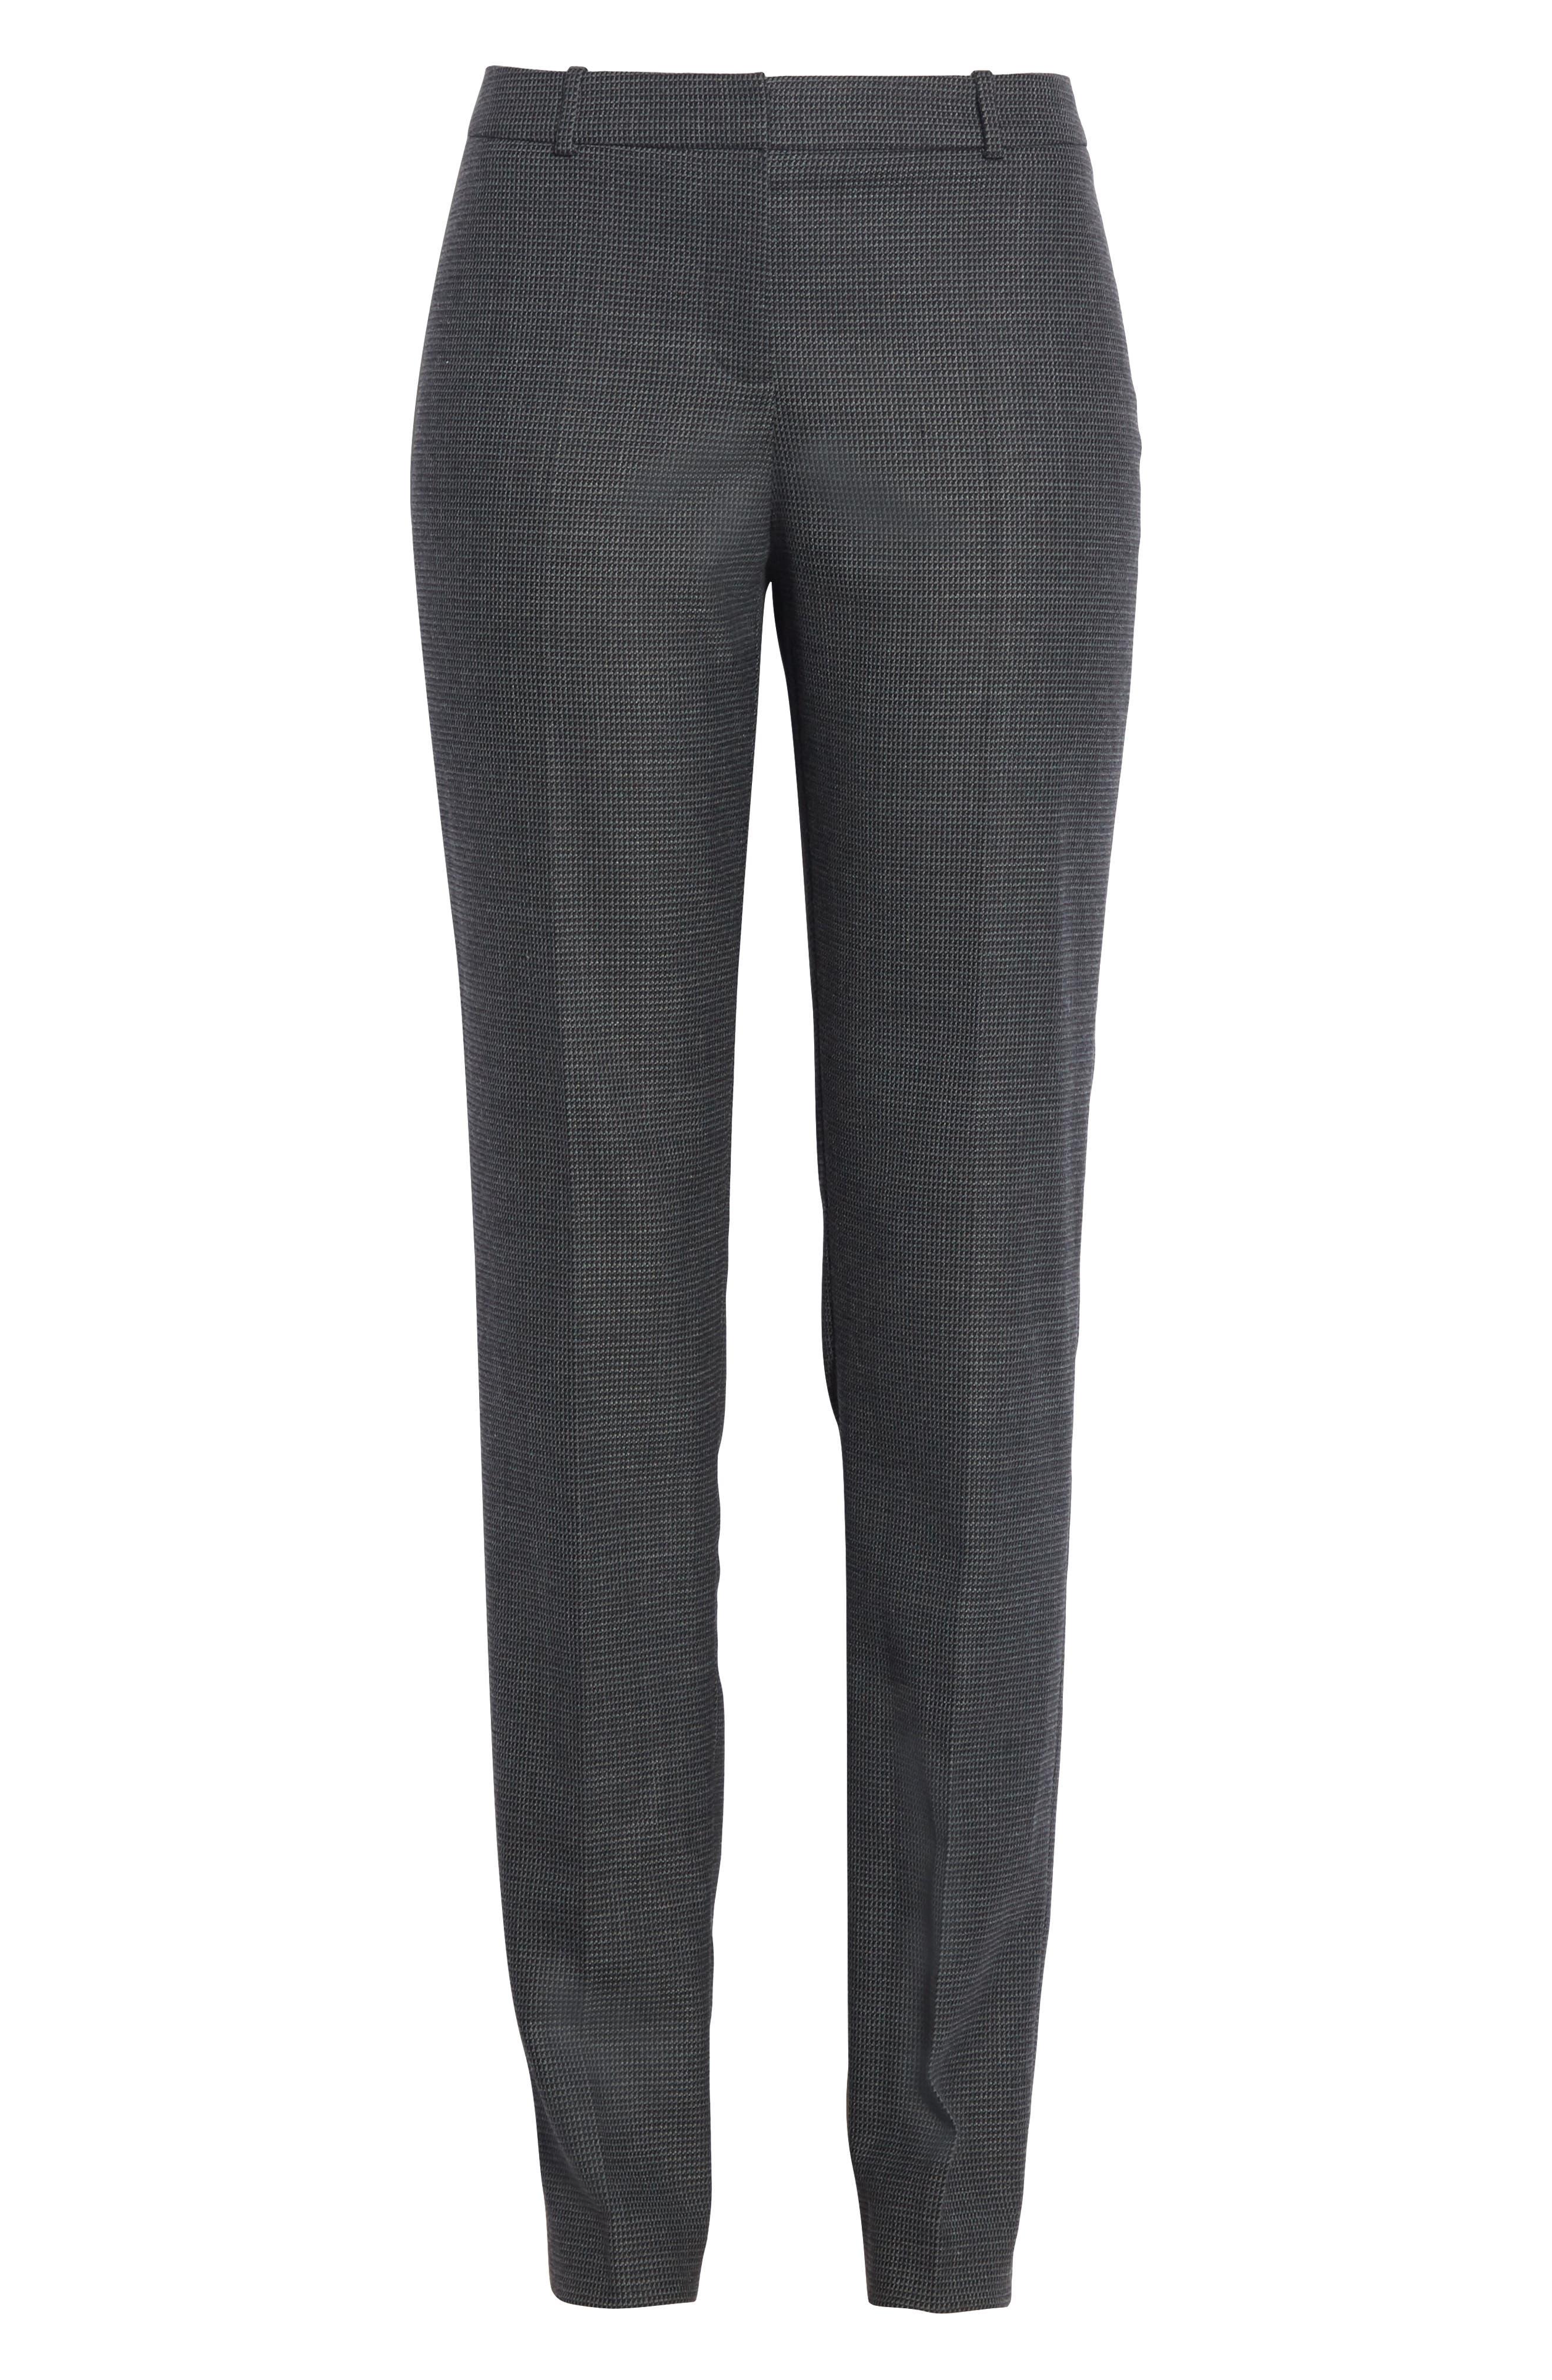 Tilunana Pinstripe Suit Trousers,                             Alternate thumbnail 7, color,                             020